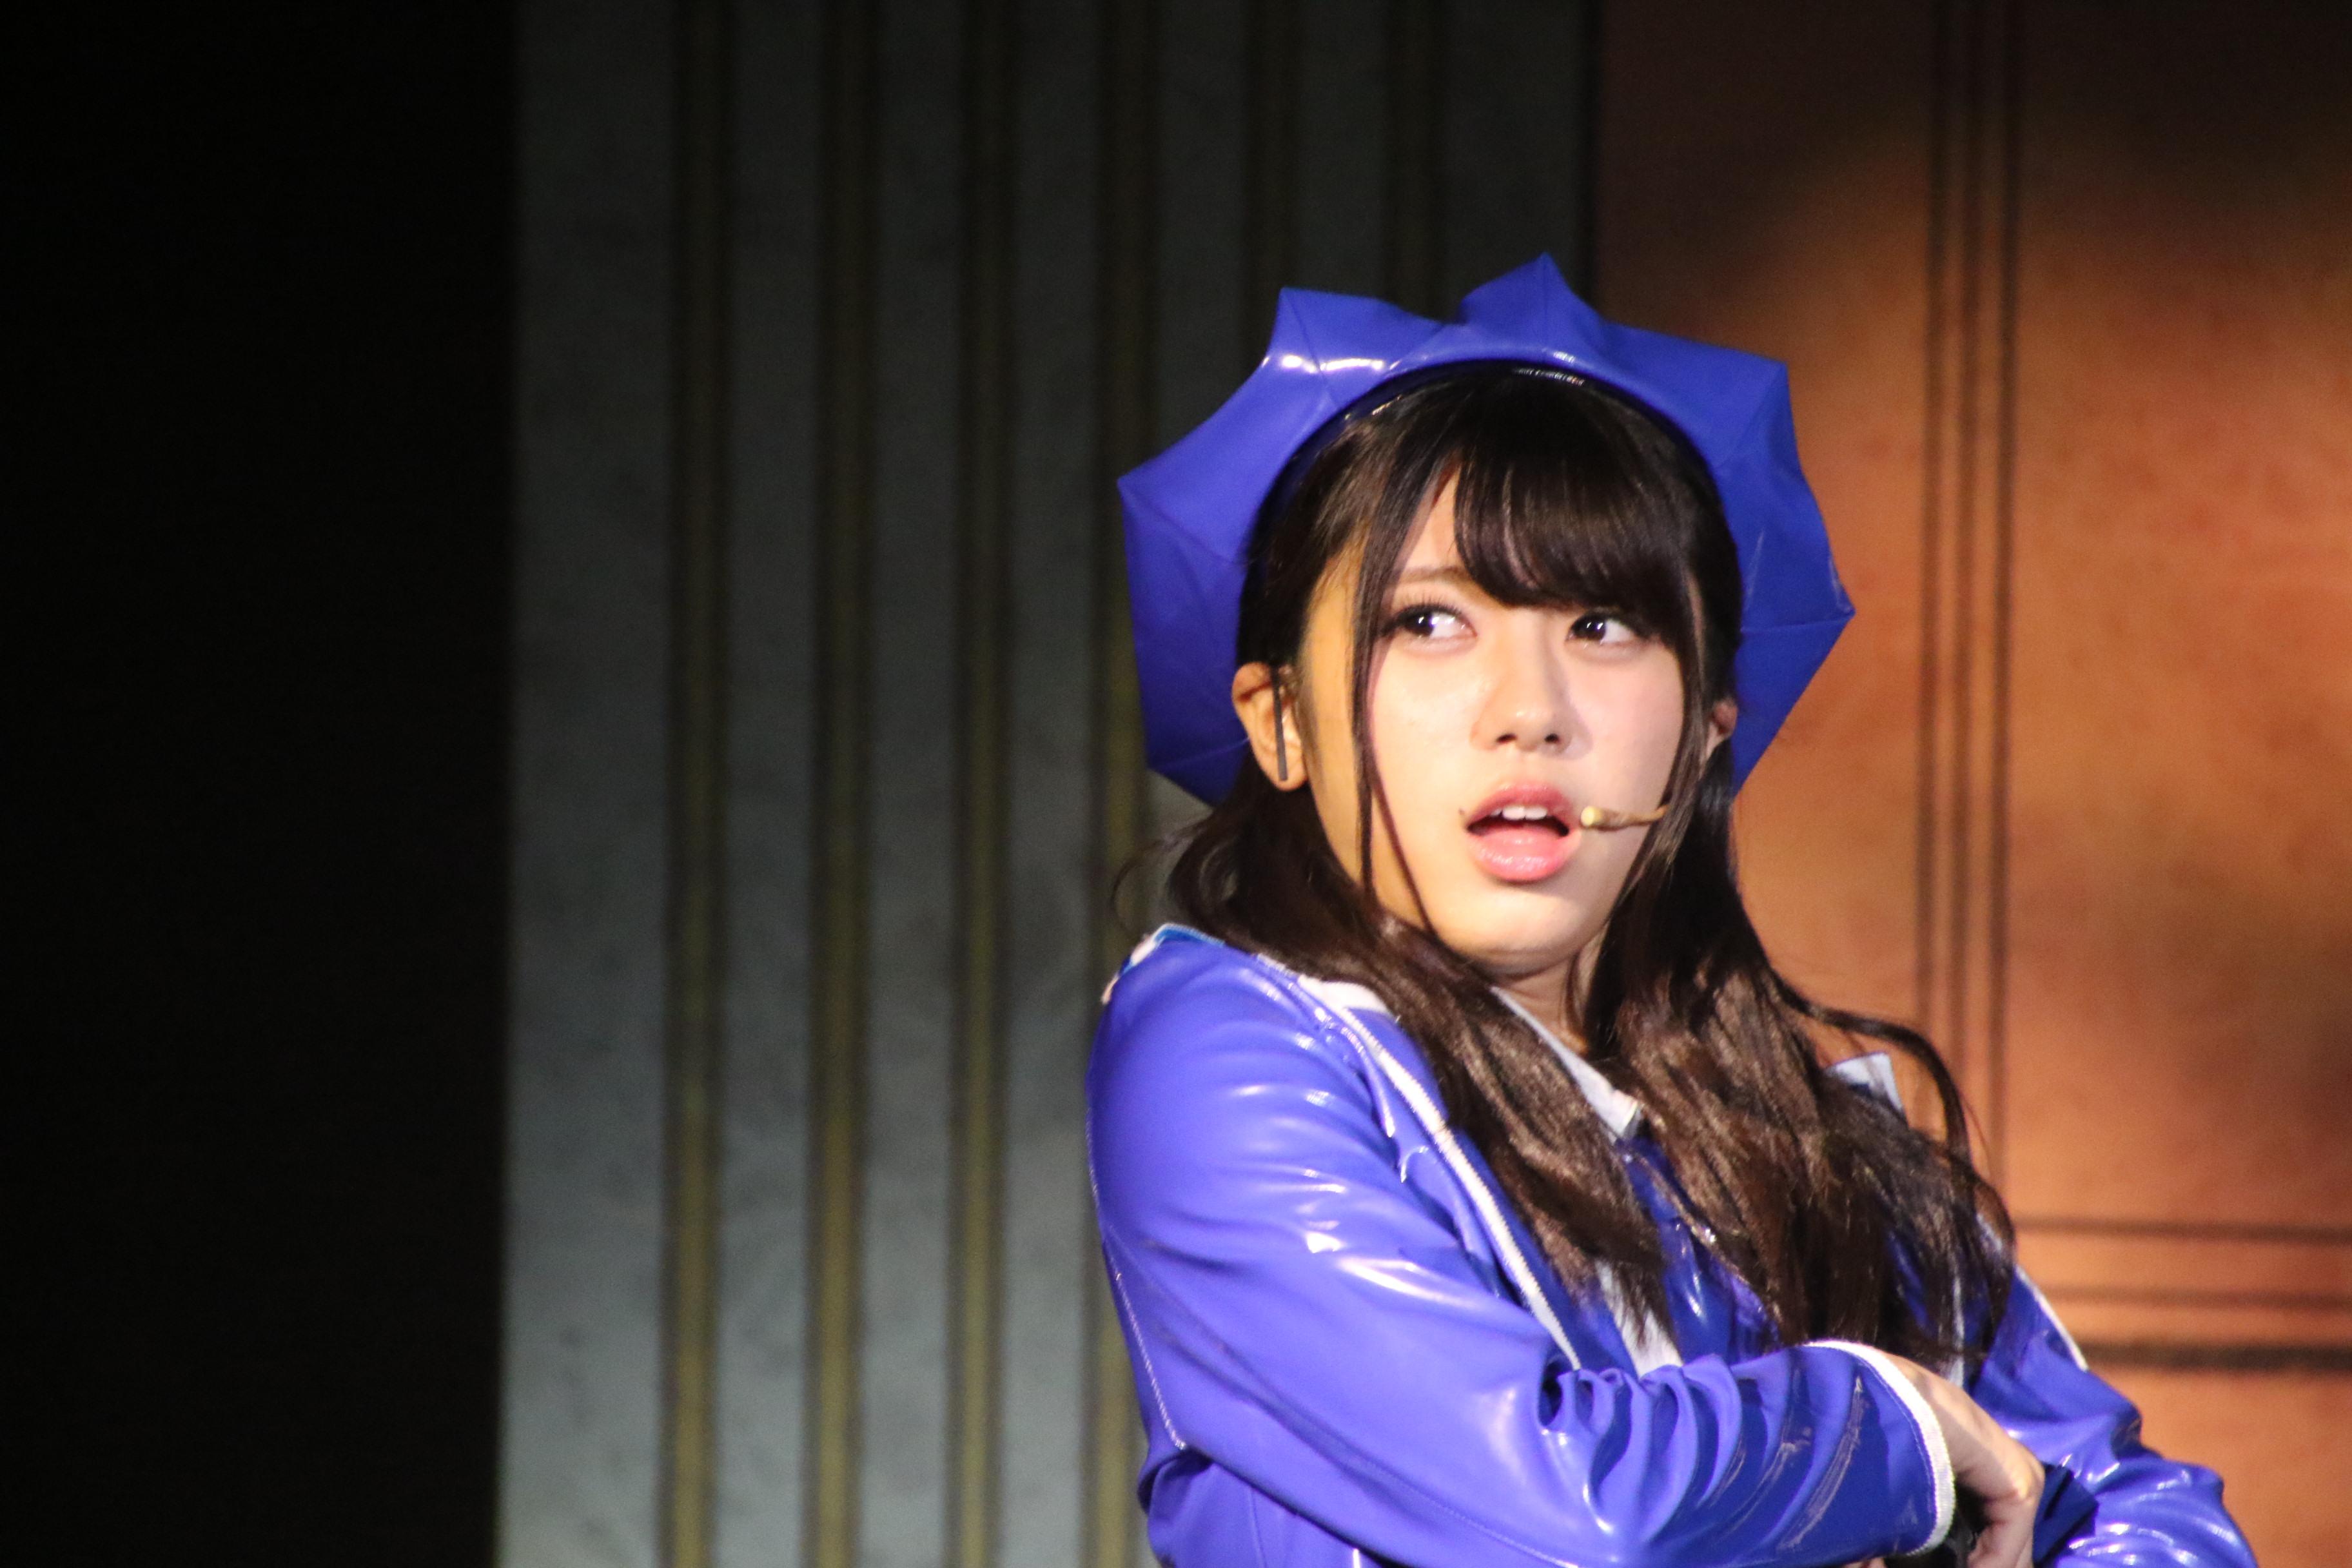 劇団れなっち『ロミオ&ジュリエット』で「ミカポン」を演じる大西桃香